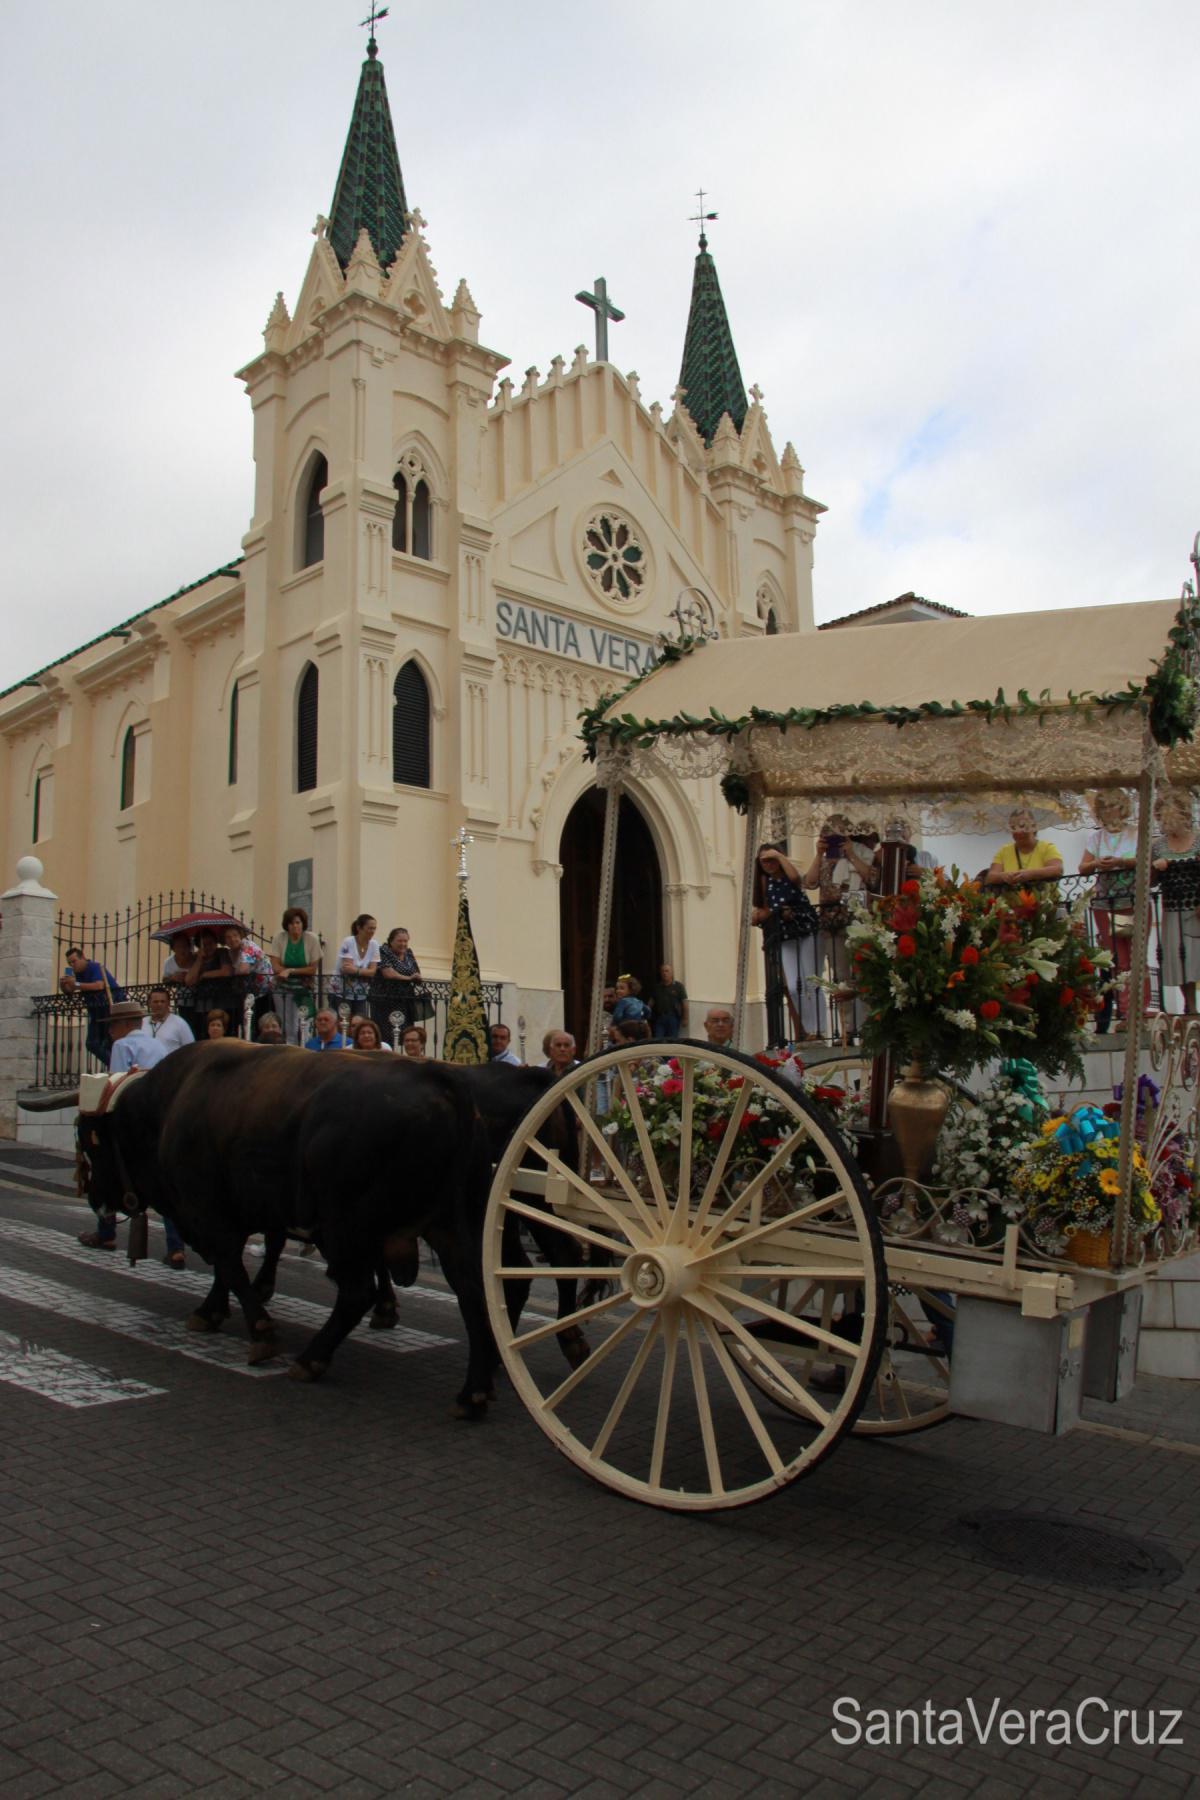 Primera semana del curso cofrade con gran participación de la Vera+Cruz en los actos celebrados: Romería en honor al Señor de las Agonías y Jubileo Sacerdotal del Padre Javier.